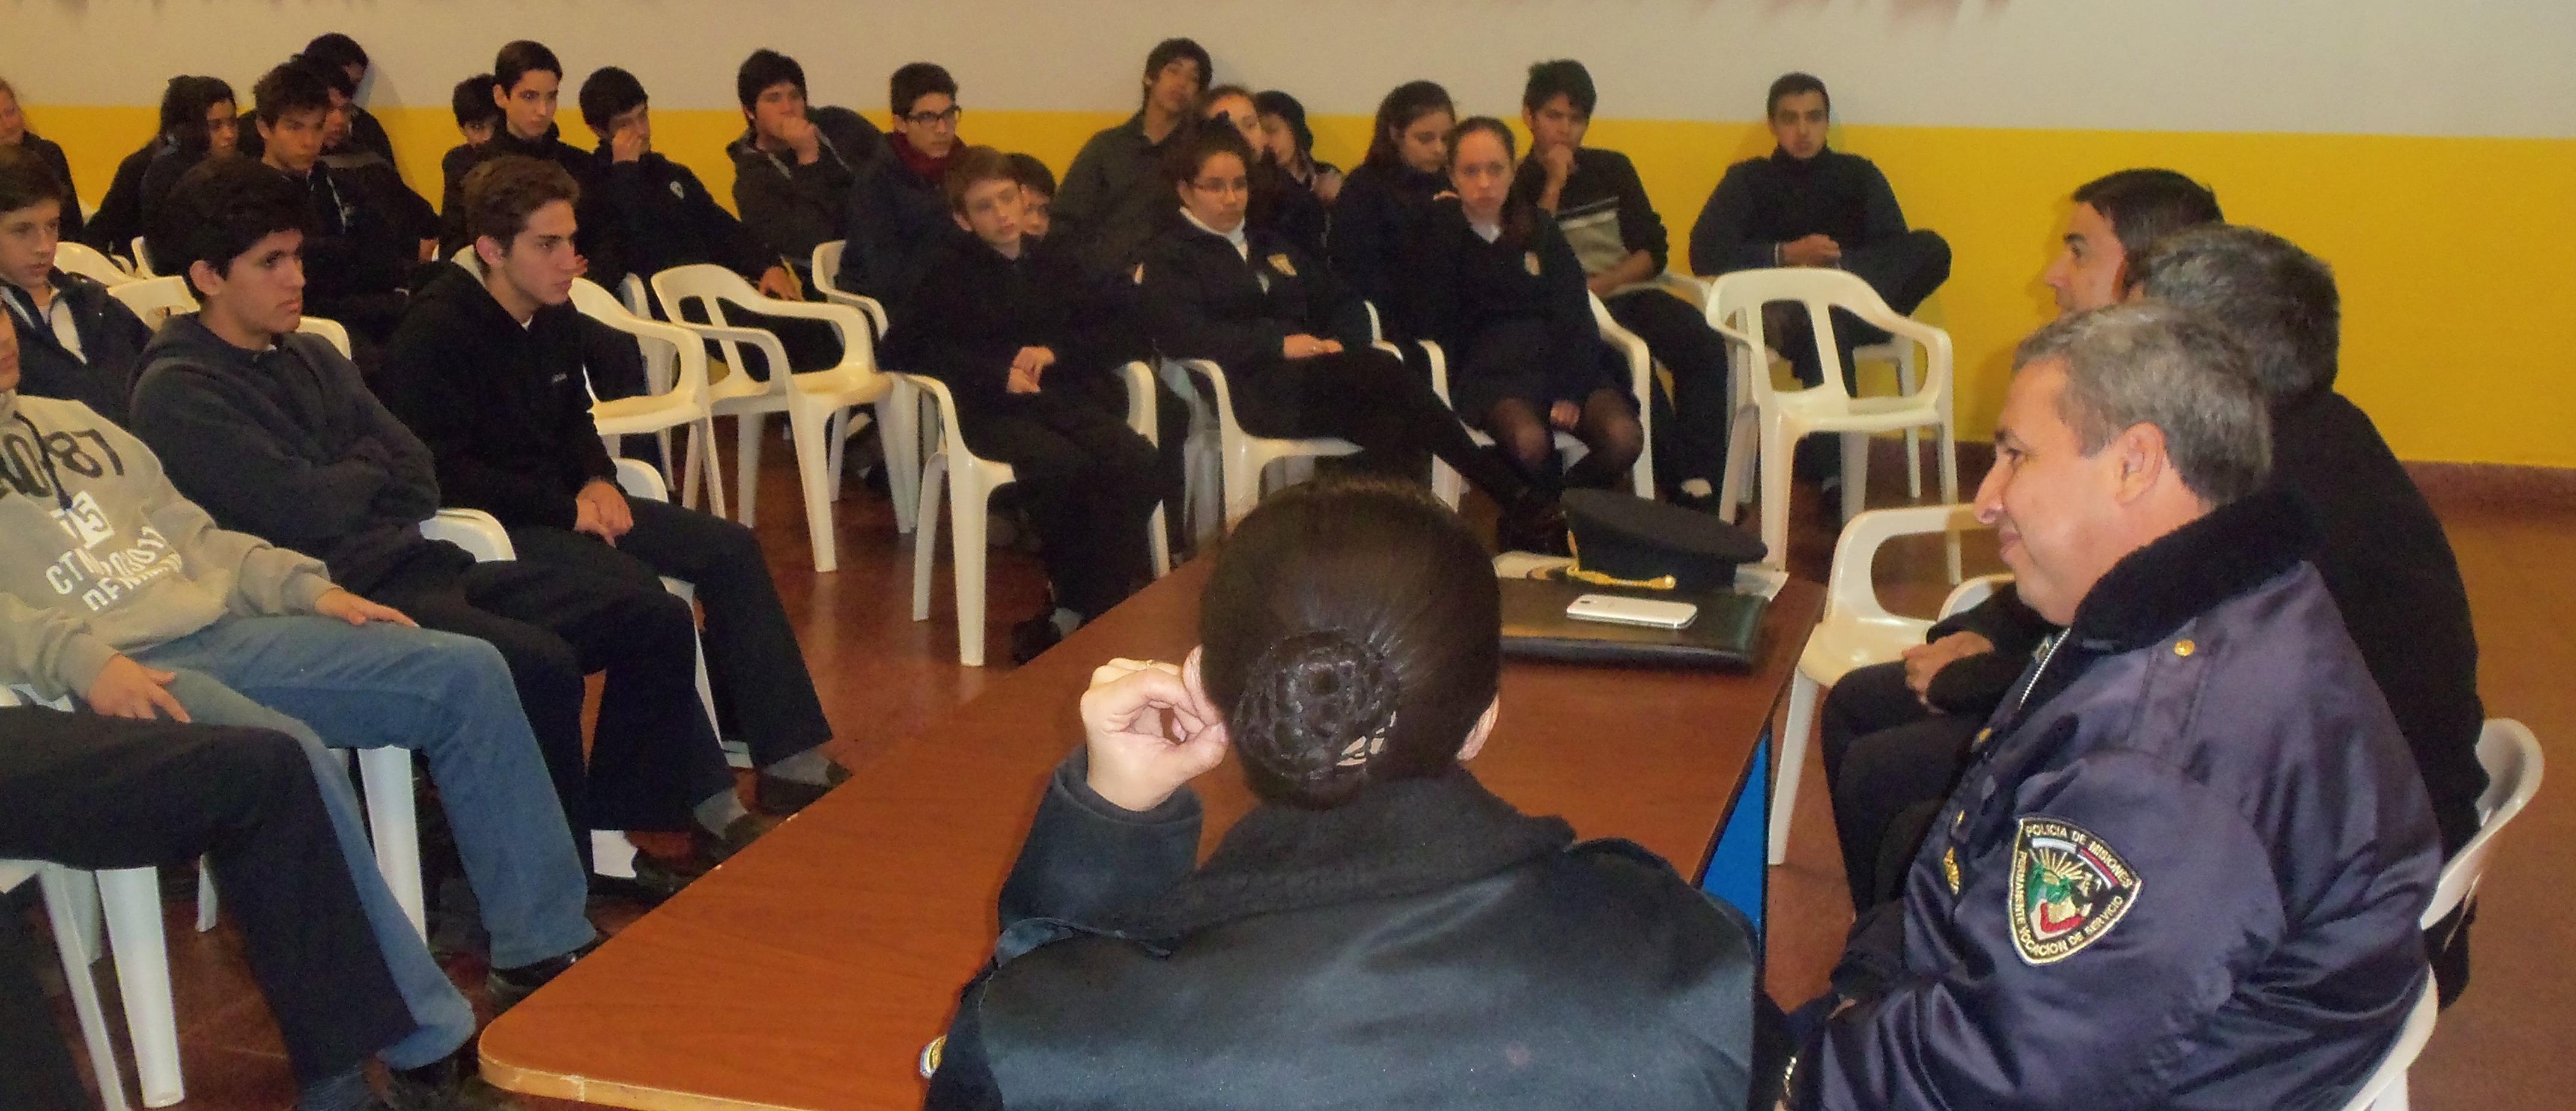 La Policía Comunitaria se reunió con padres de alumnos del Instituto Janssen de Posadas